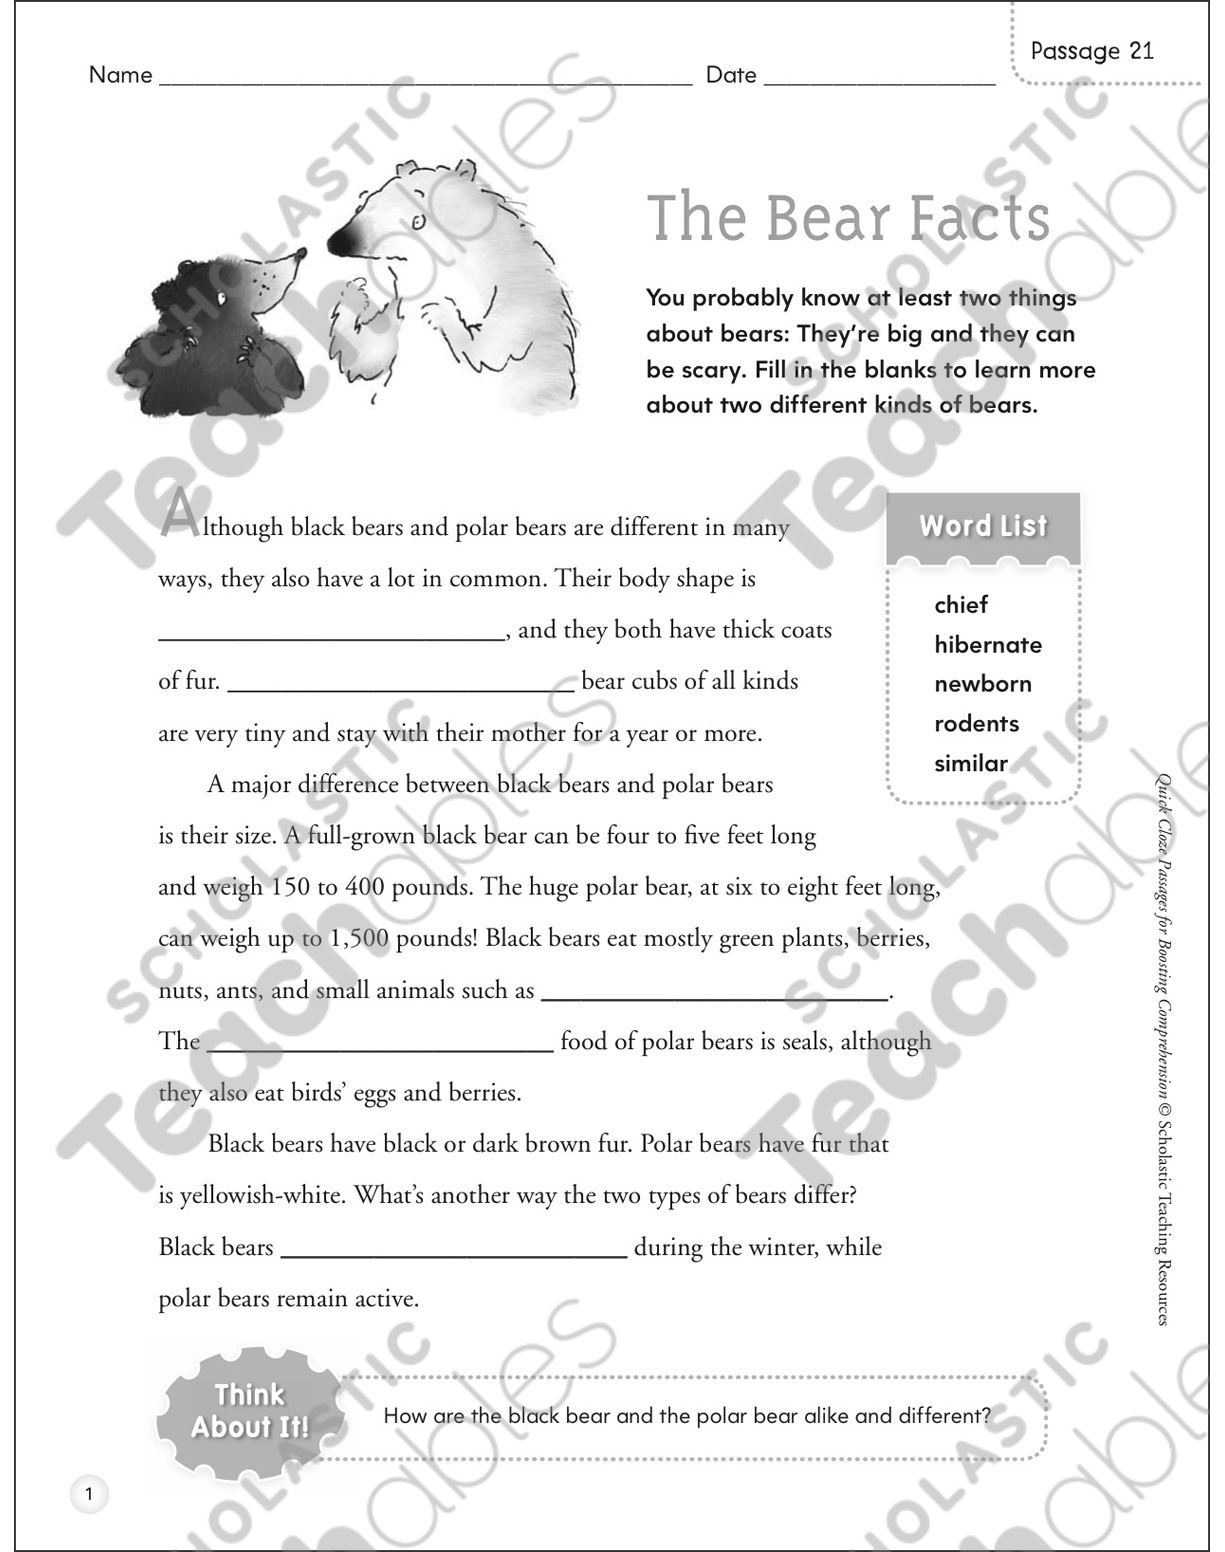 The Bear Facts Quick Cloze Passage Printable Lesson Plans